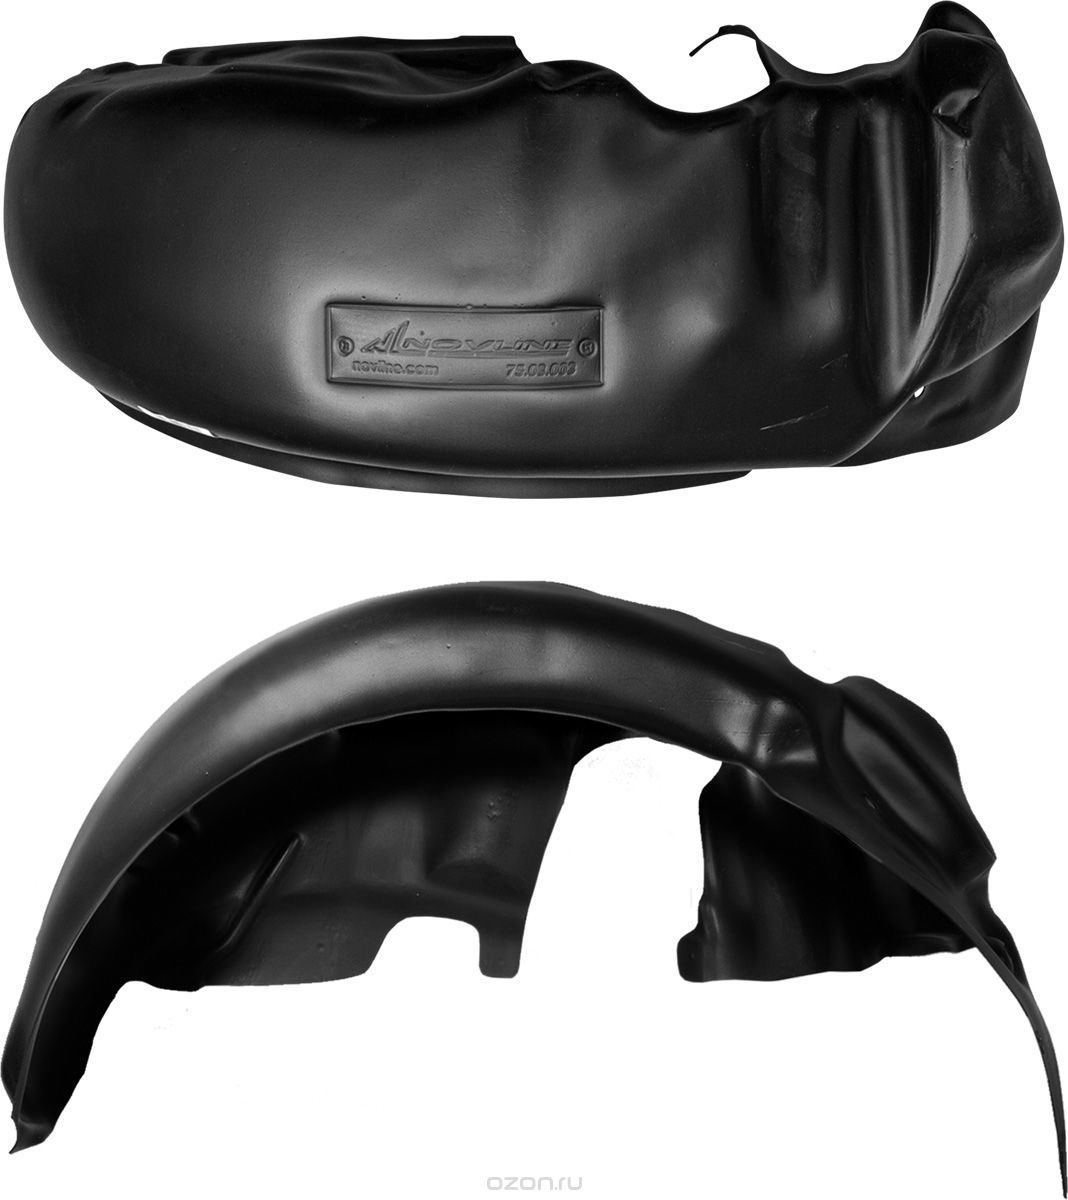 Подкрылок Novline-Autofamily, для HAWTAI Boliger, 01/2015->, кросс., передний левыйIRK-503Идеальная защита колесной ниши. Локеры разработаны с применением цифровых технологий, гарантируют максимальную повторяемость поверхности арки. Изделия устанавливаются без нарушения лакокрасочного покрытия автомобиля, каждый подкрылок комплектуется крепежом. Уважаемые клиенты, обращаем ваше внимание, что фотографии на подкрылки универсальные и не отражают реальную форму изделия. При этом само изделие идет точно под размер указанного автомобиля.